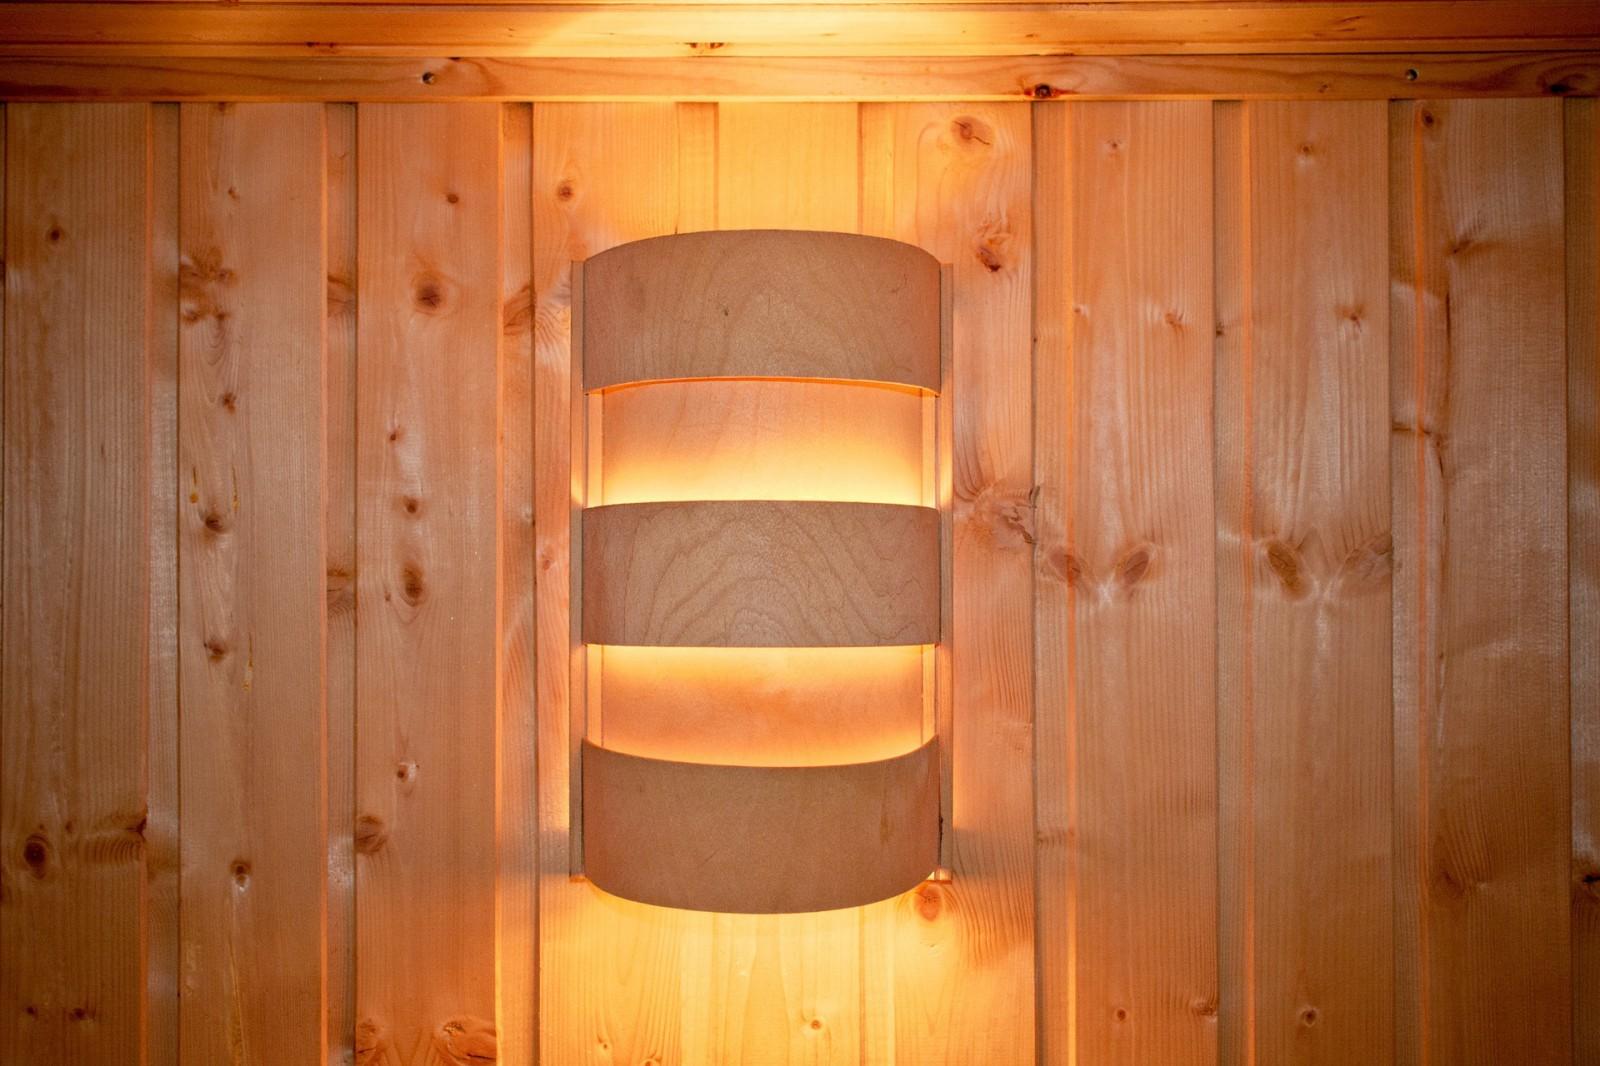 Электропроводка в бане: в парилке и других помещениях, схема электричества, правила разводки, подробности